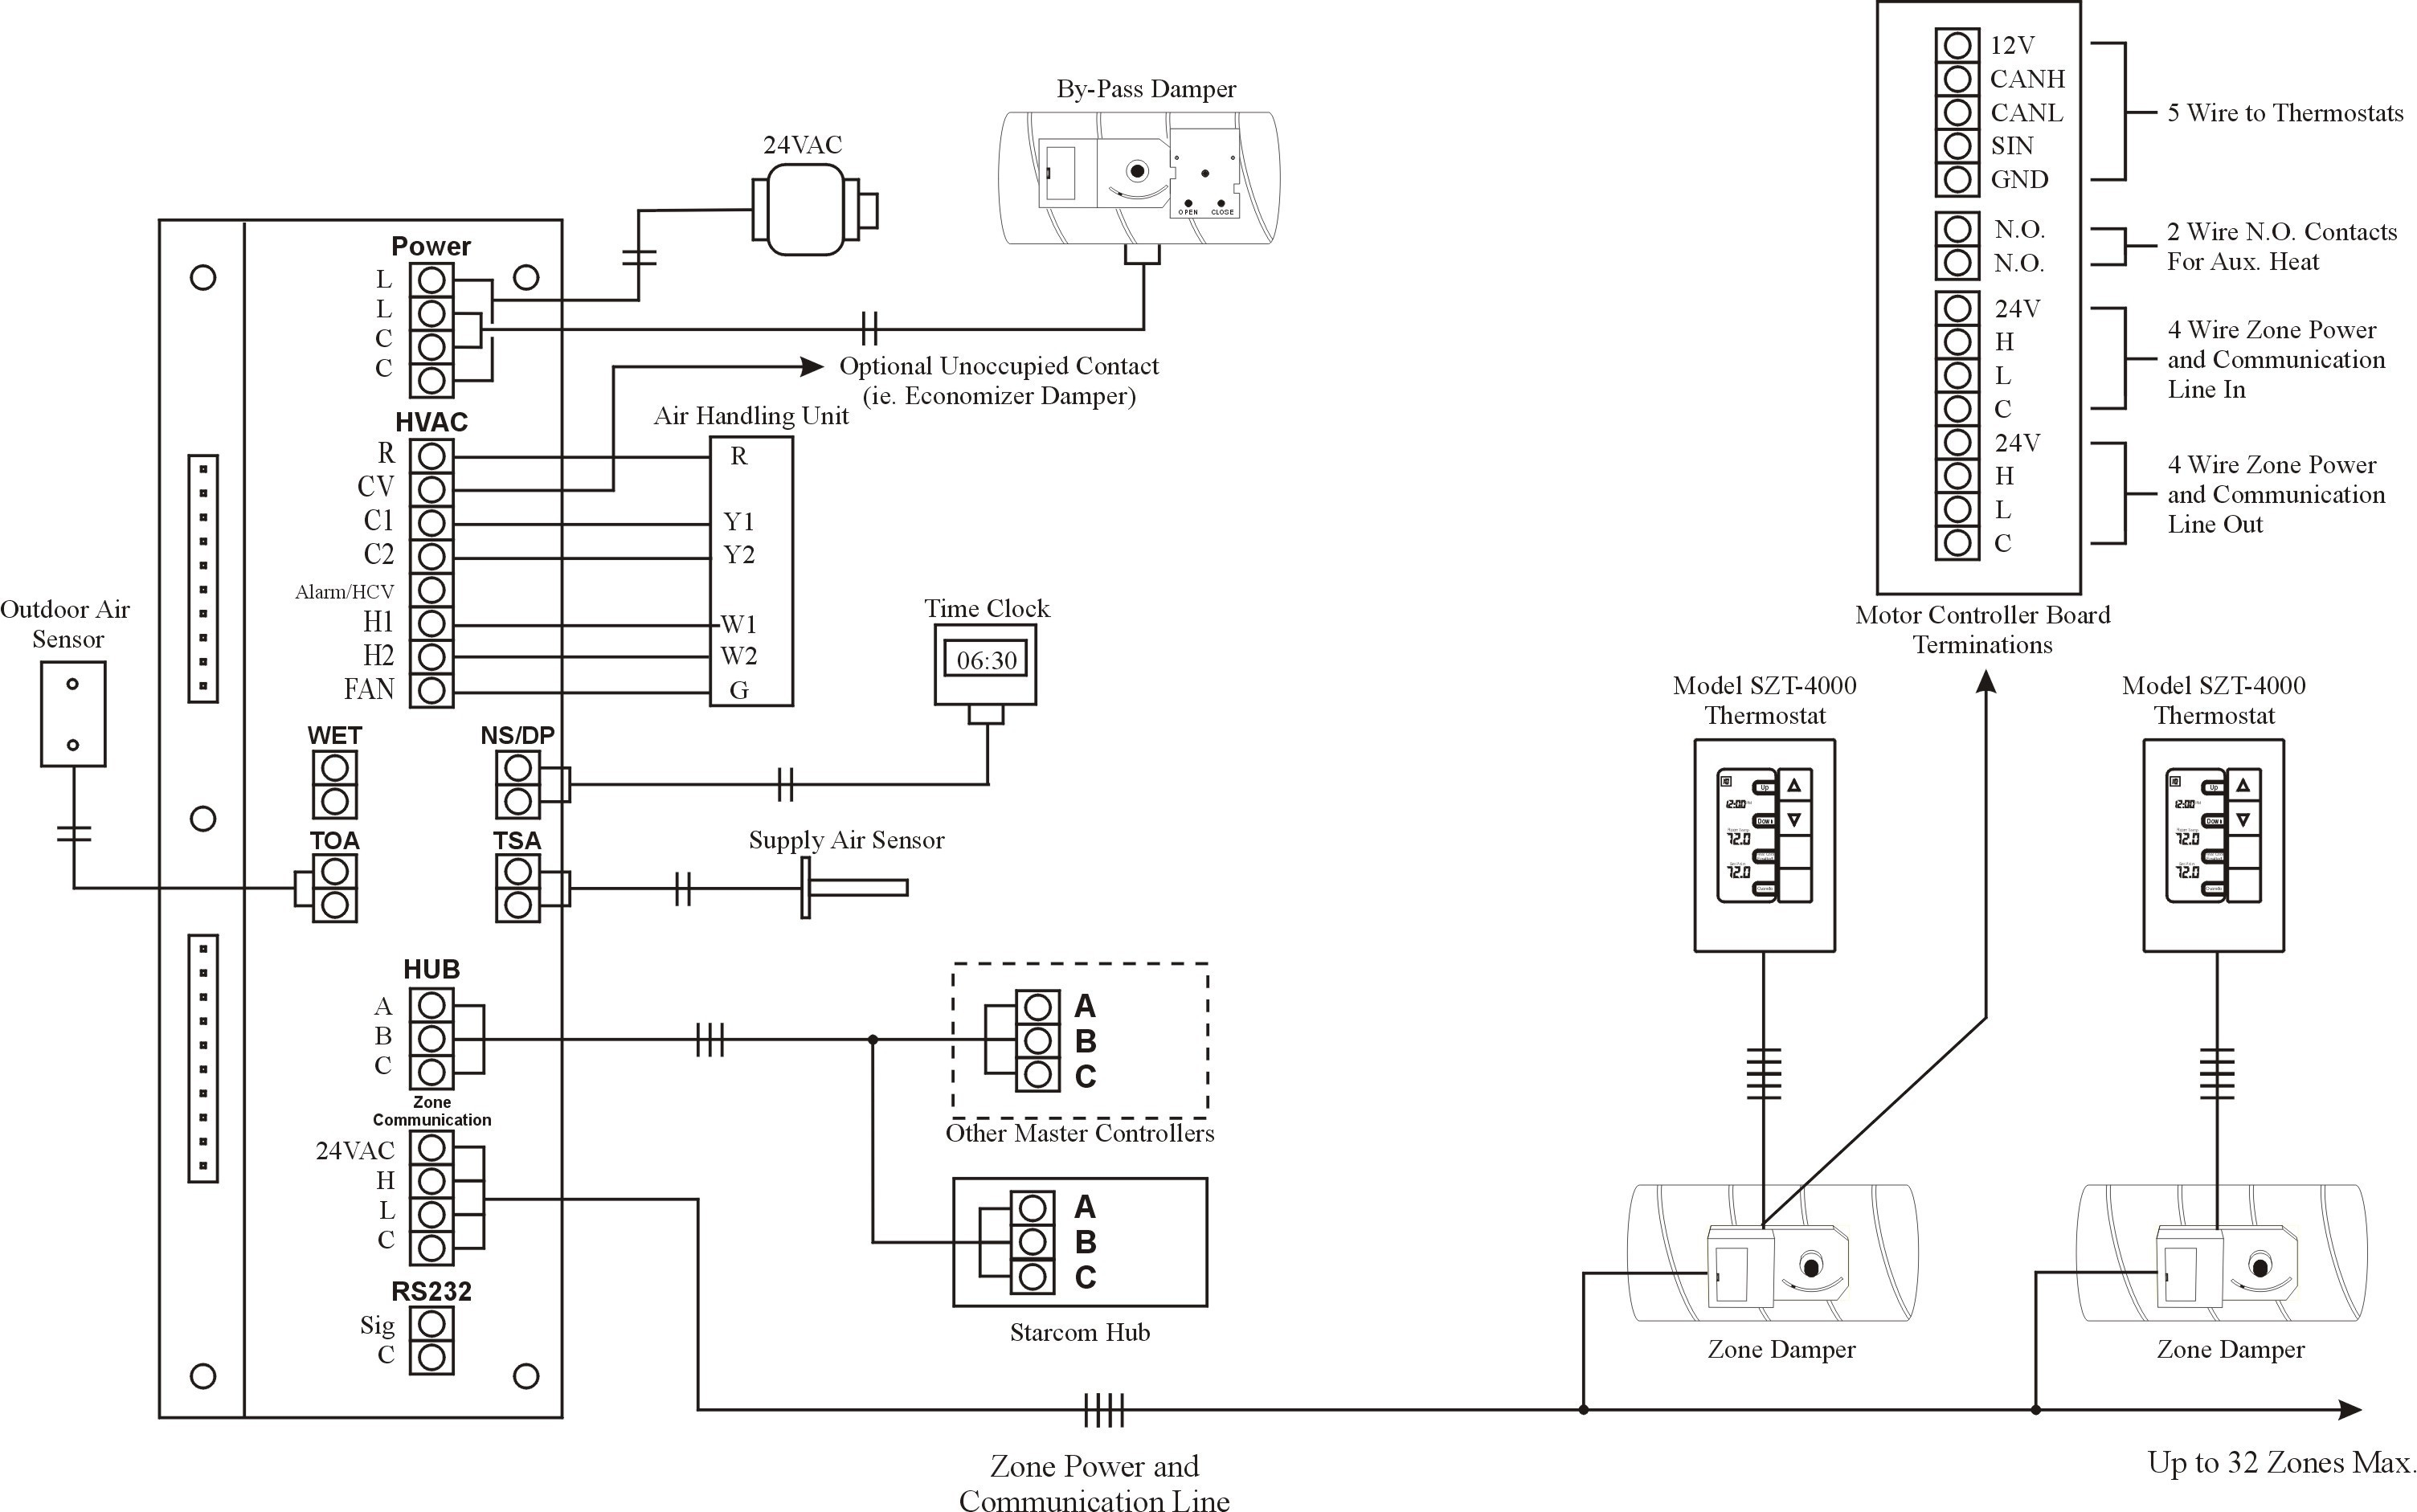 adt wiring diagrams